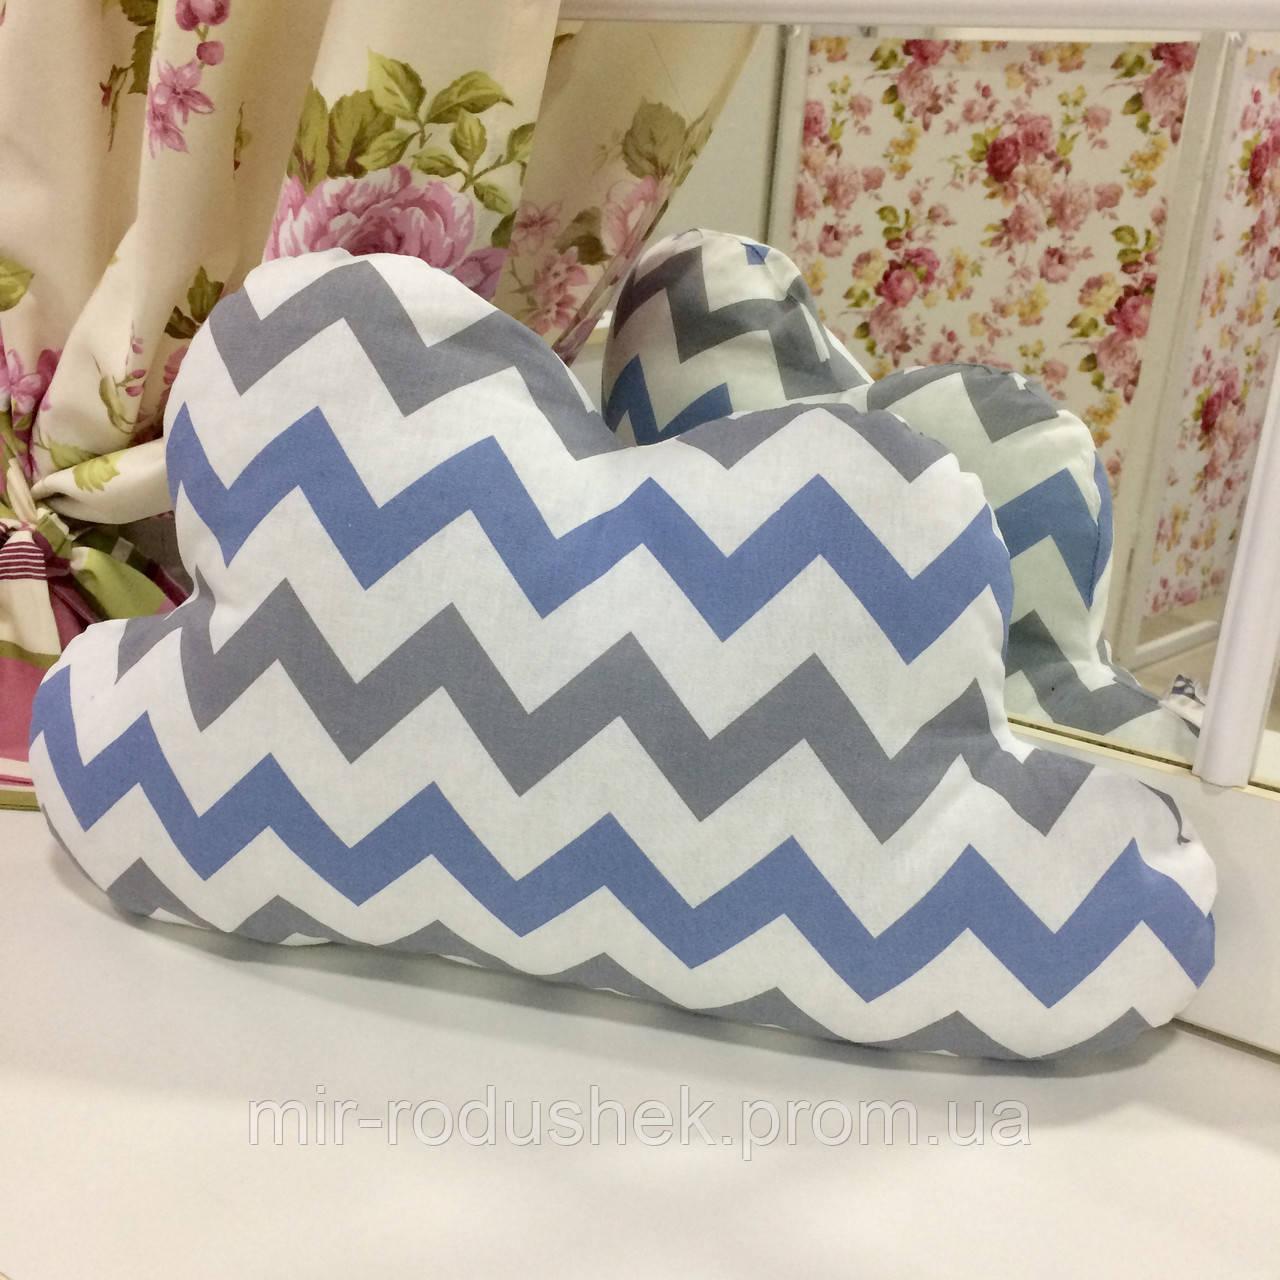 Декоративная подушка-тучка: синий зигзаг, 50х35 см, наперник х/б, наполнитель холлофайбер